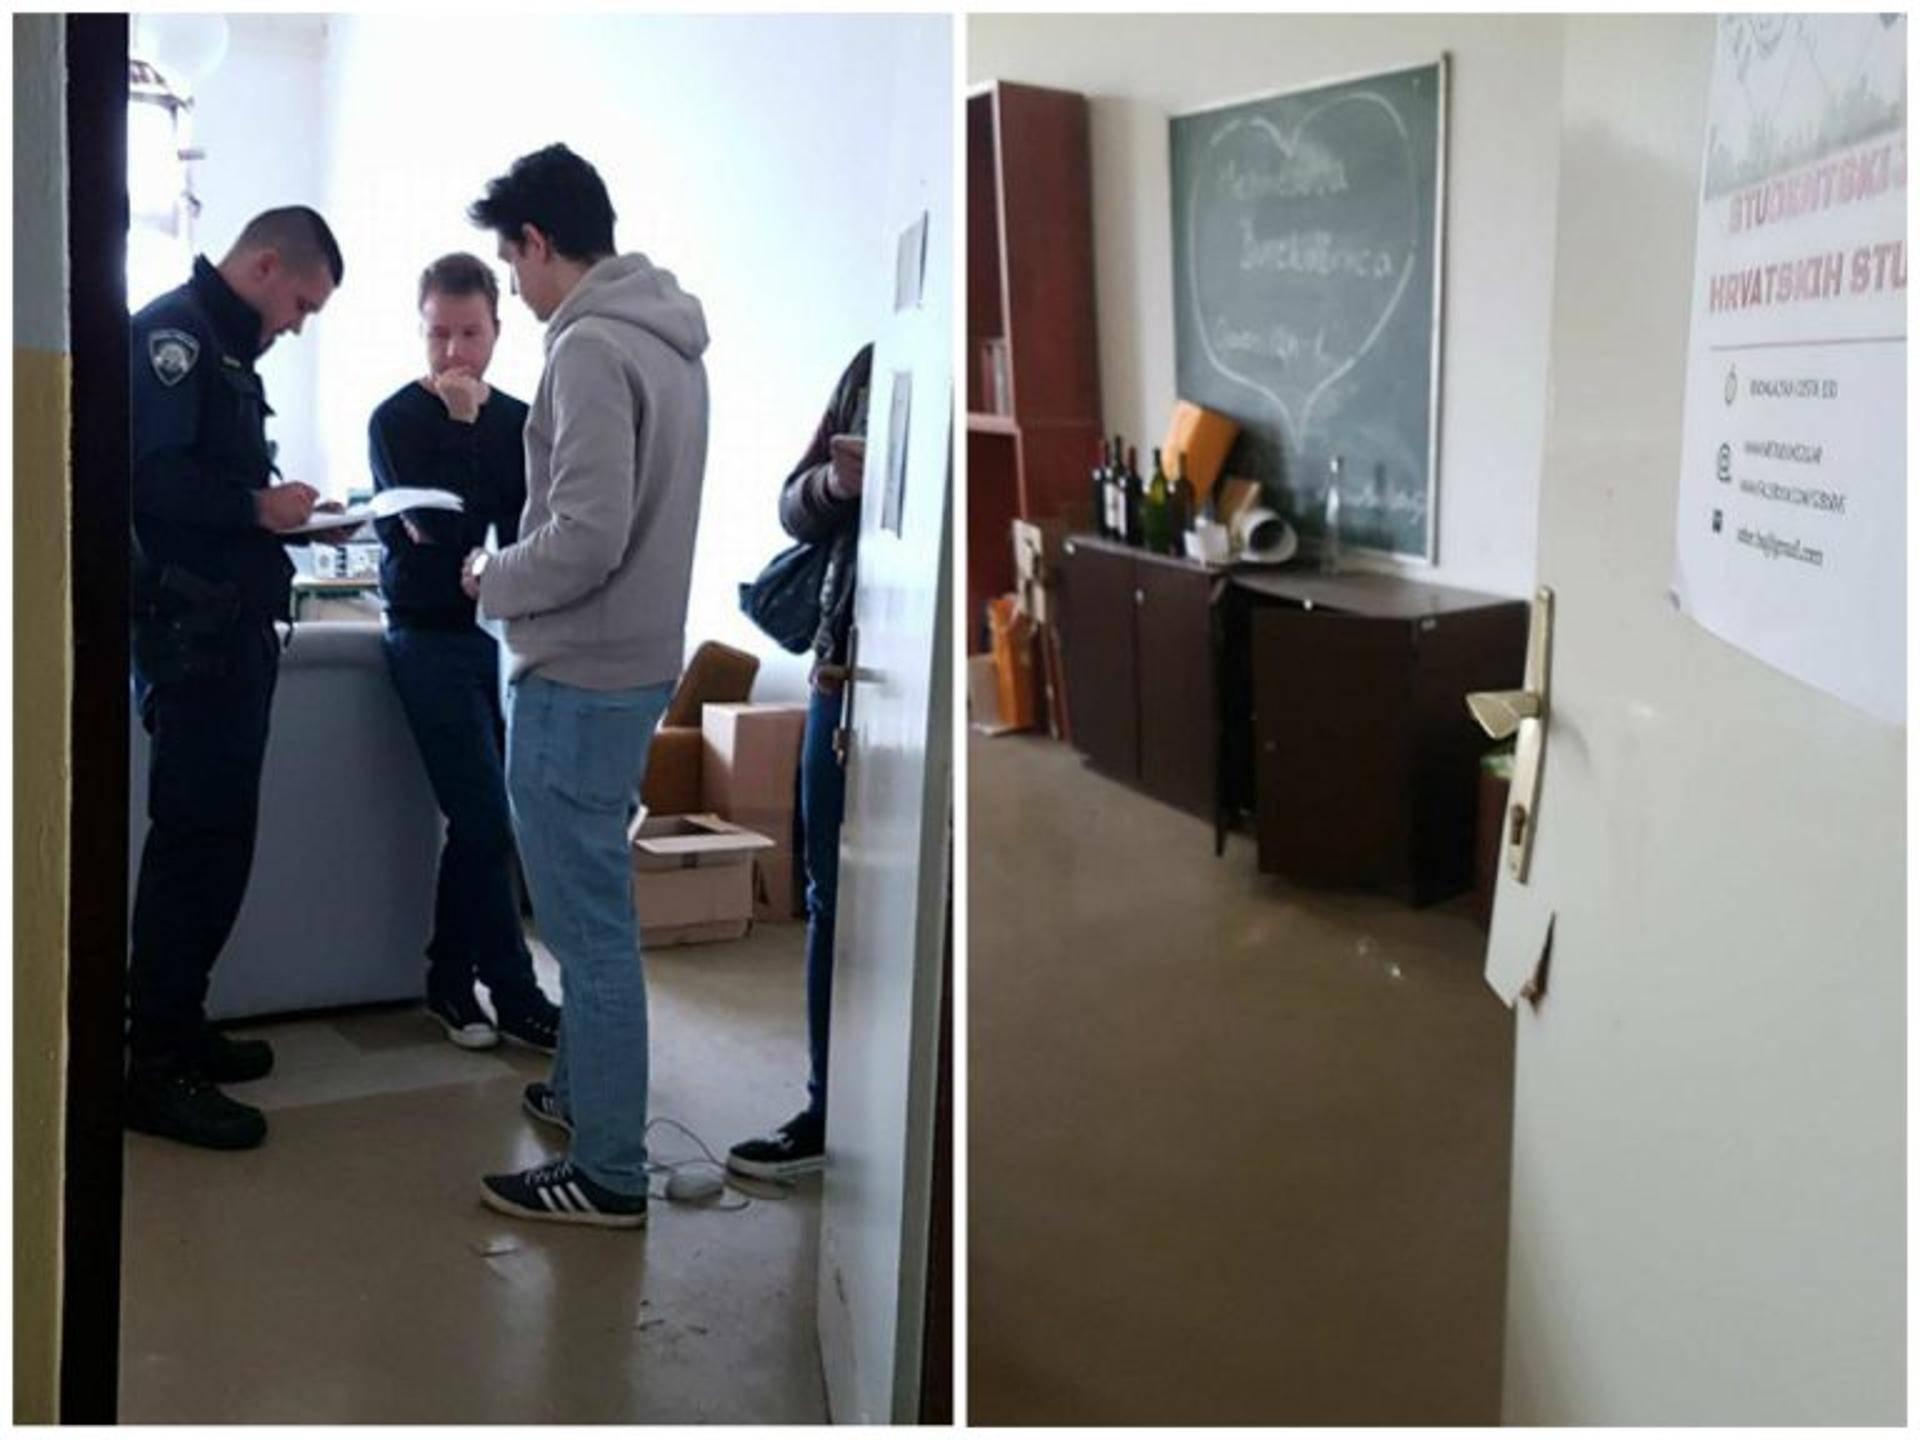 Studentima Hrvatskih studija ukrali računala, printer, knjige